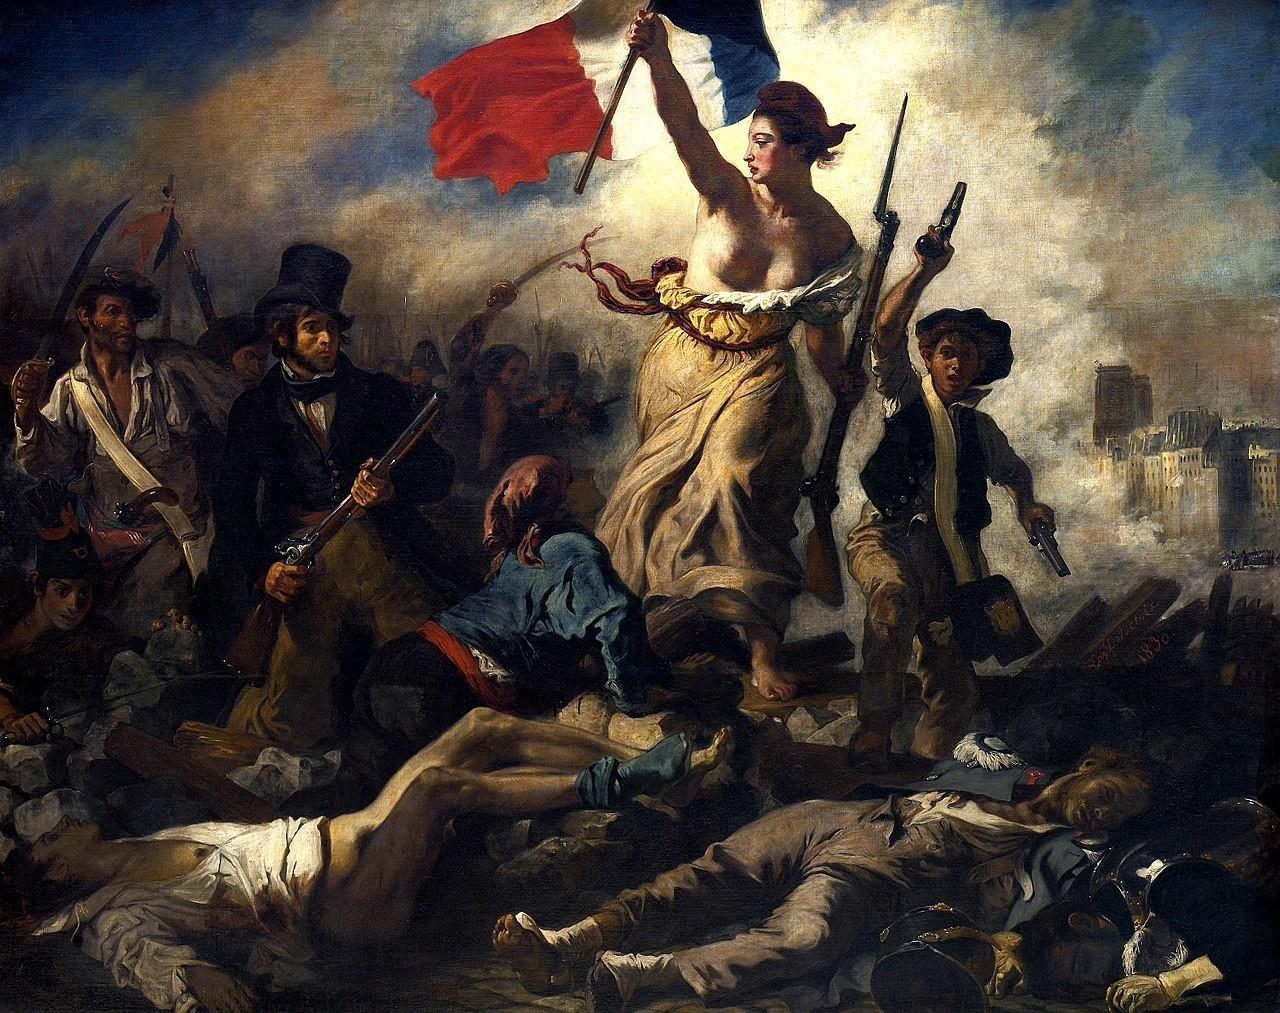 フランス革命について 橋口 丈/Jo Hashiguchi note